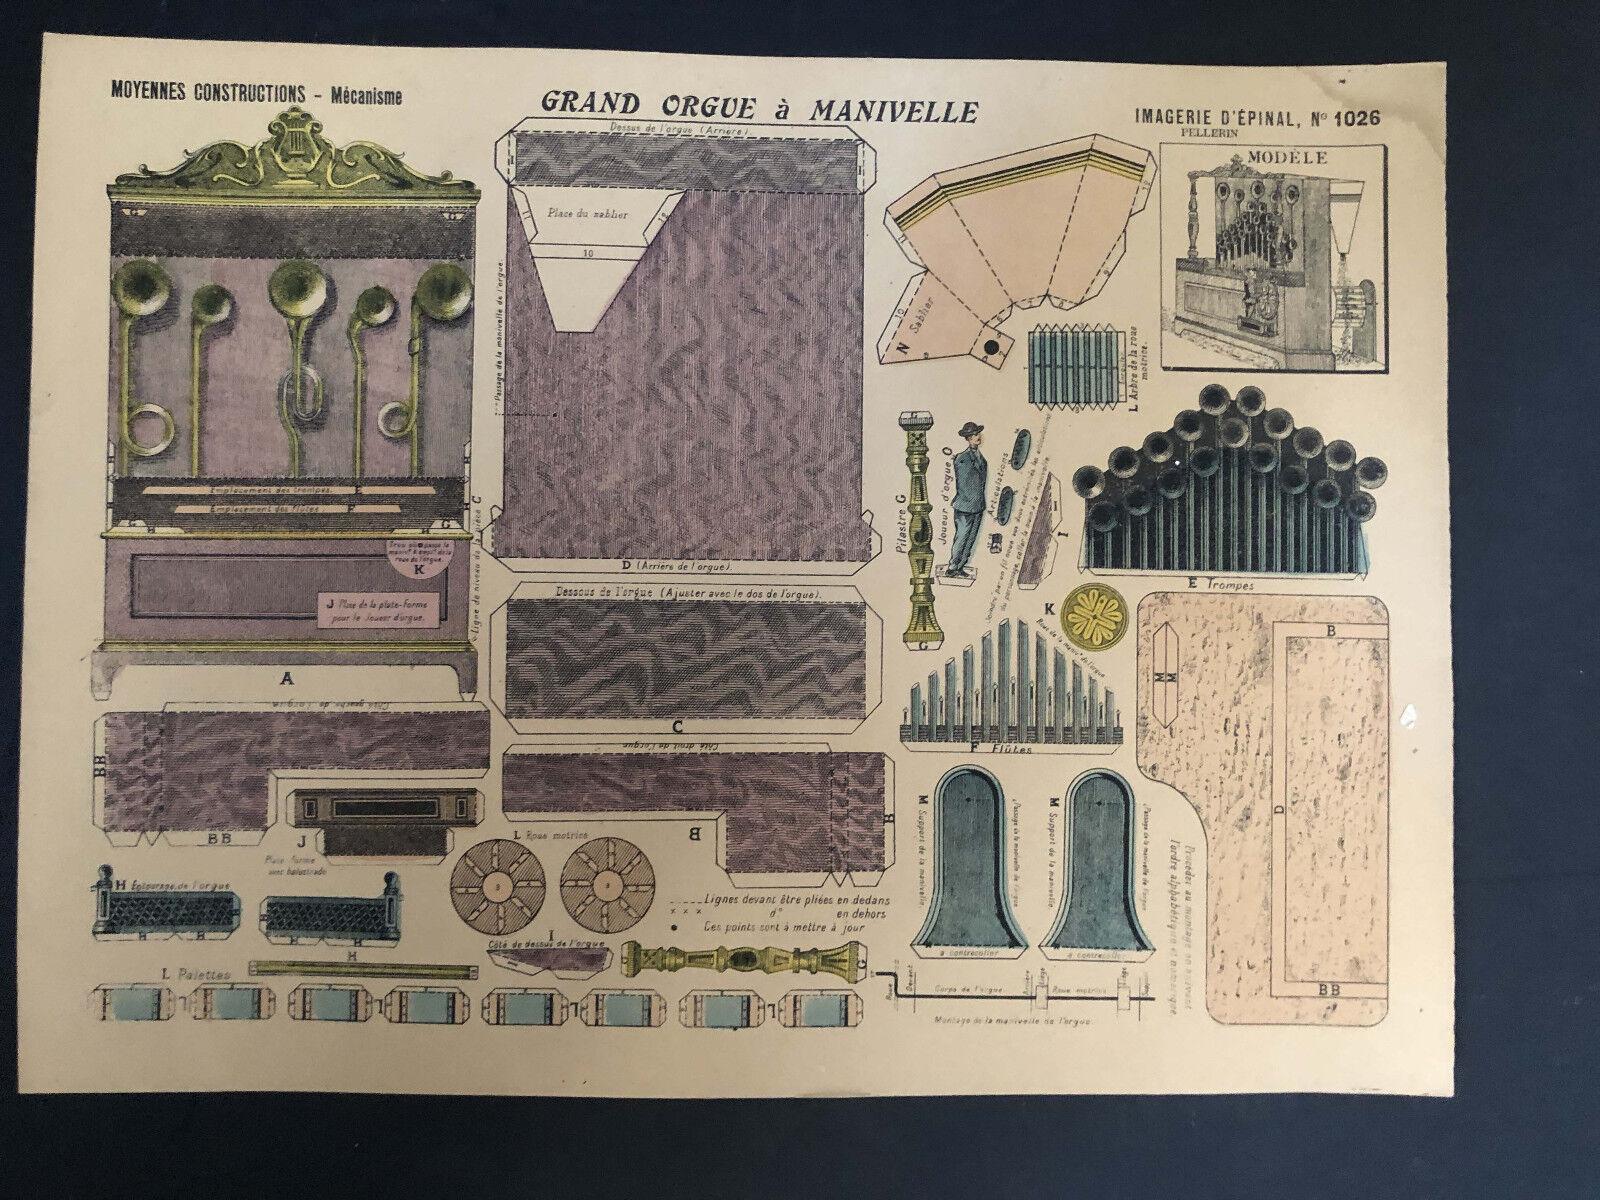 Grand orgue à manivelle, Mécanismes, Moyennes constructions, Imagerie d'Epinal,